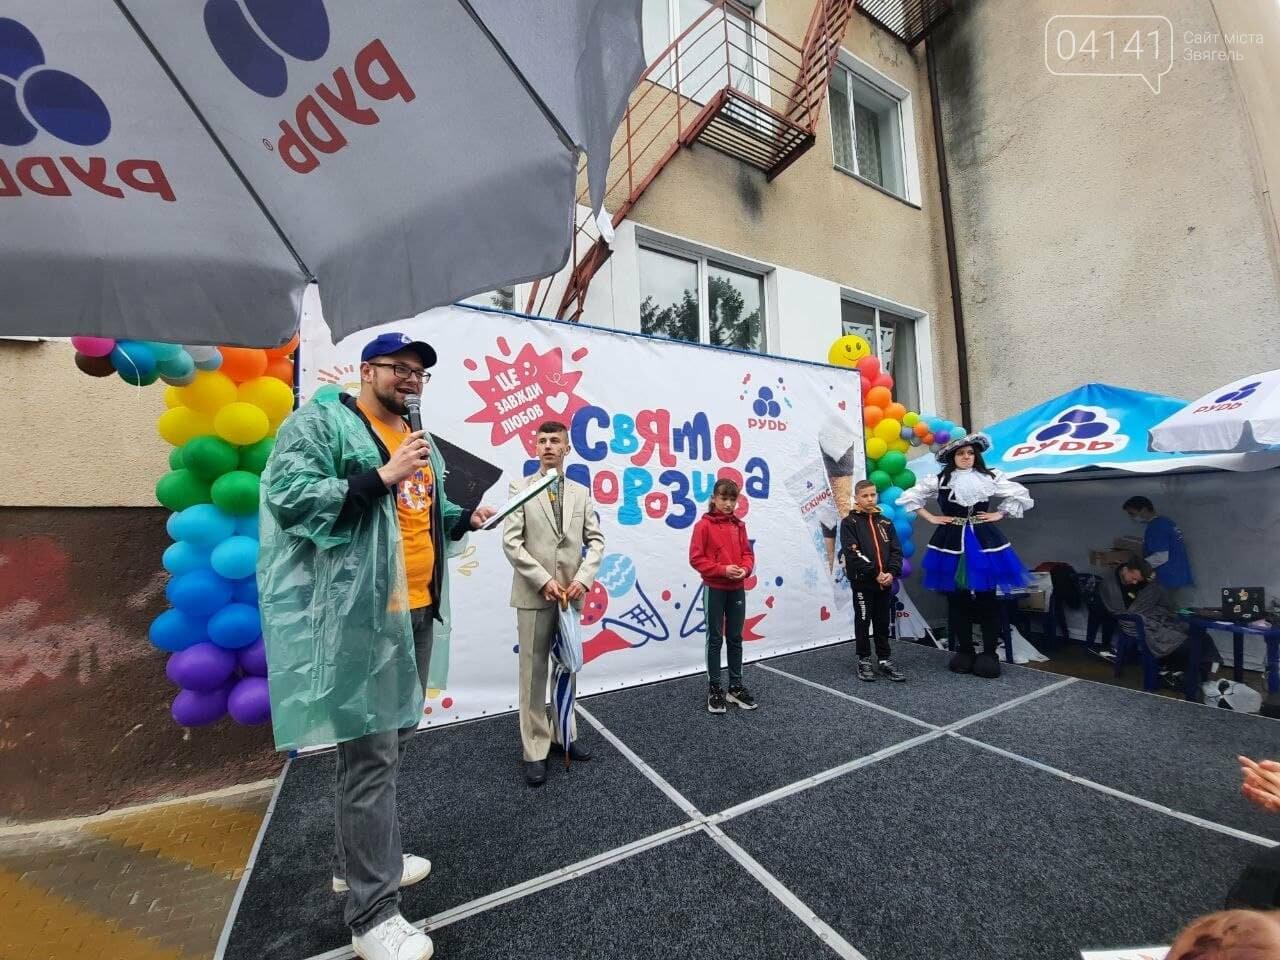 У Новограді-Волинському відбулося Свято Морозива від компанії «Рудь», фото-4